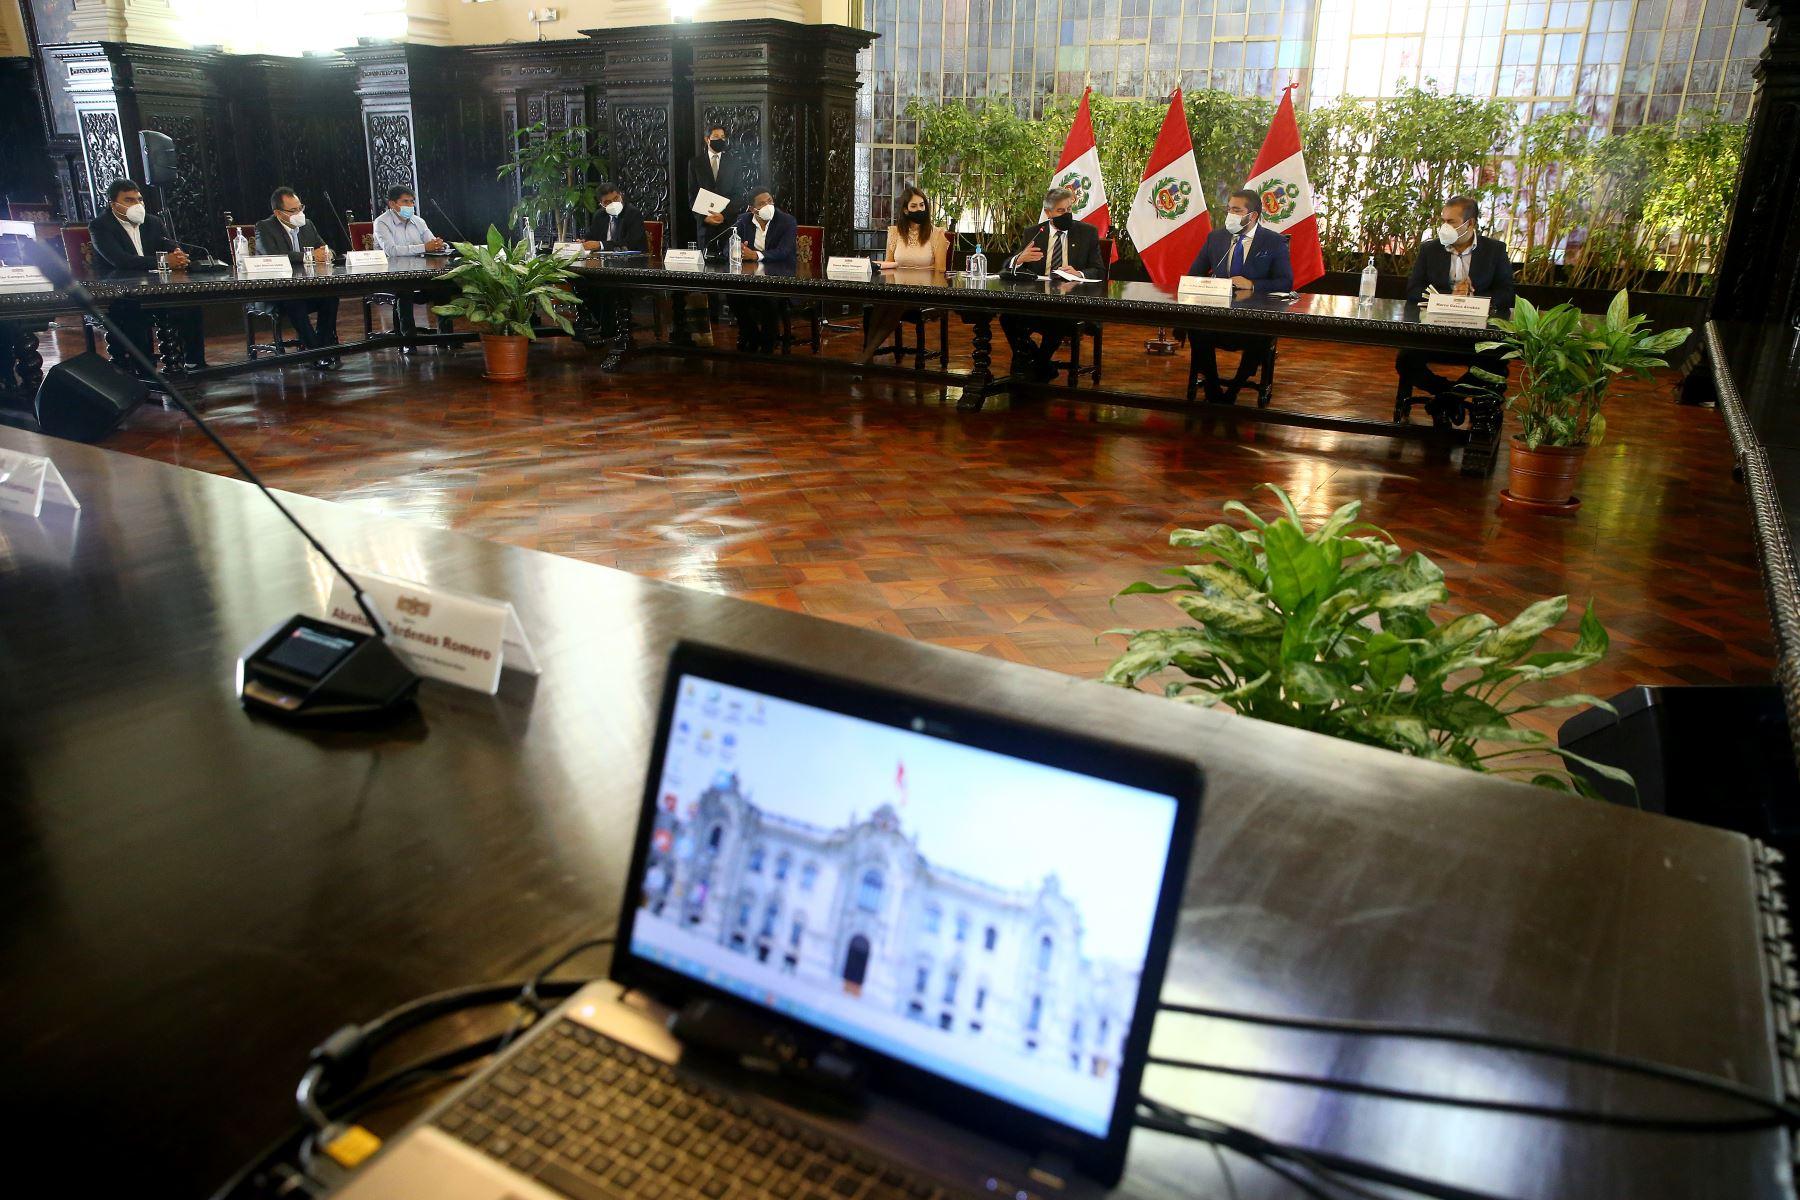 Presidente de la República, Francisco Sagasti, se reunió con representantes de la Asociación de Municipalidades del Perú (Ampe). Foto: ANDINA/Prensa Presidencia